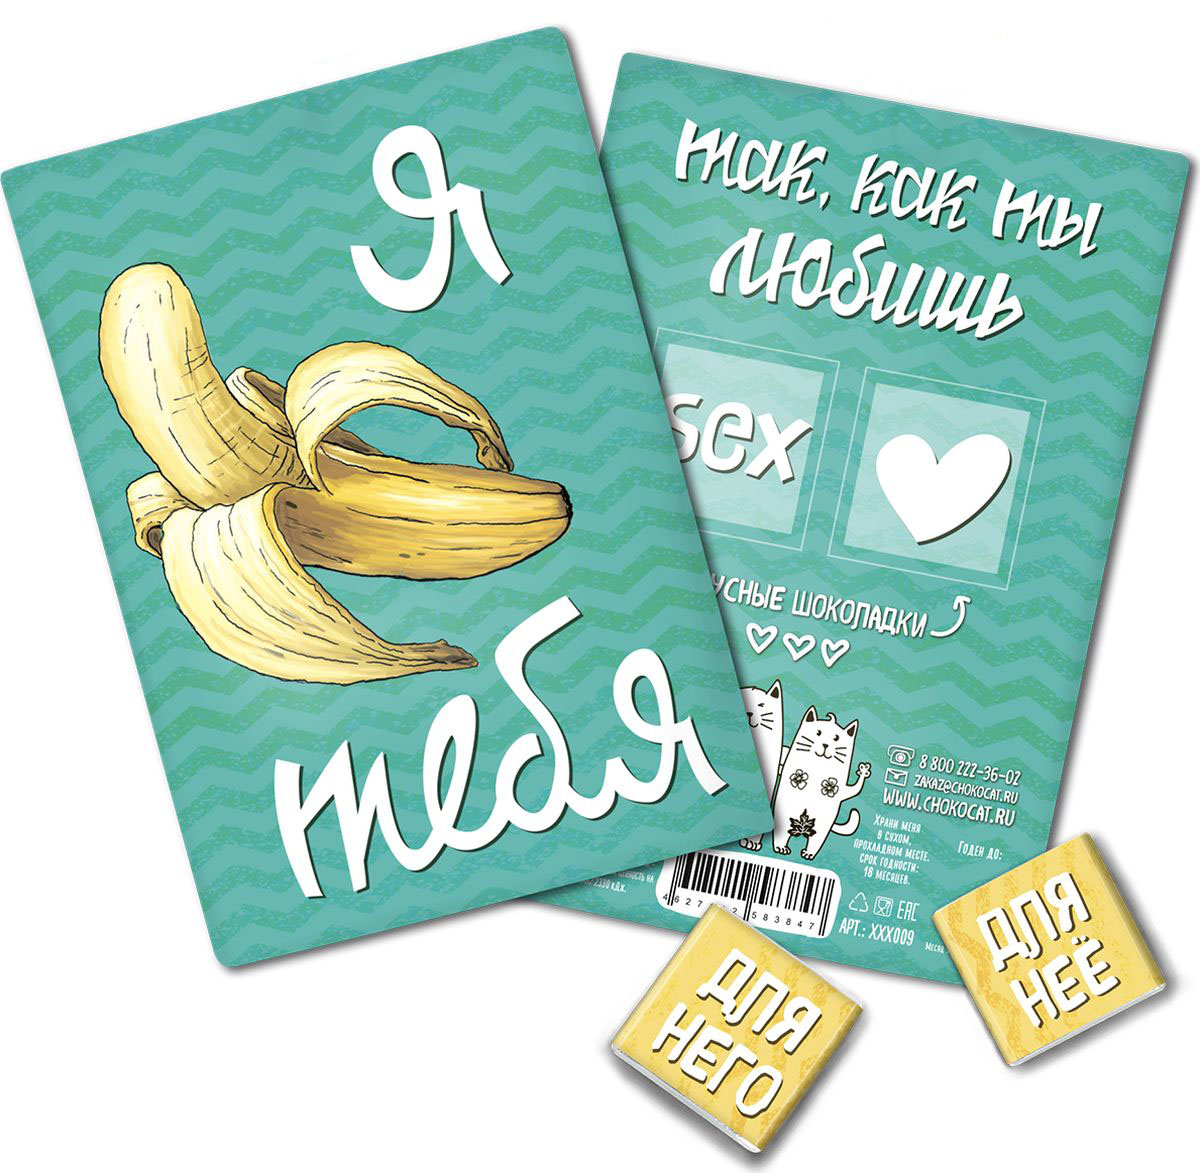 Chokocat Бананас открытка, 10 гХХХ009Отличный способ намекнуть о своих чувствах и желаниях, даже о самых нескромных. Внутри которой 2 молочных шоколадки по 5 грамм. Каждая обернута в этикетку с оригинальной иллюстрацией.